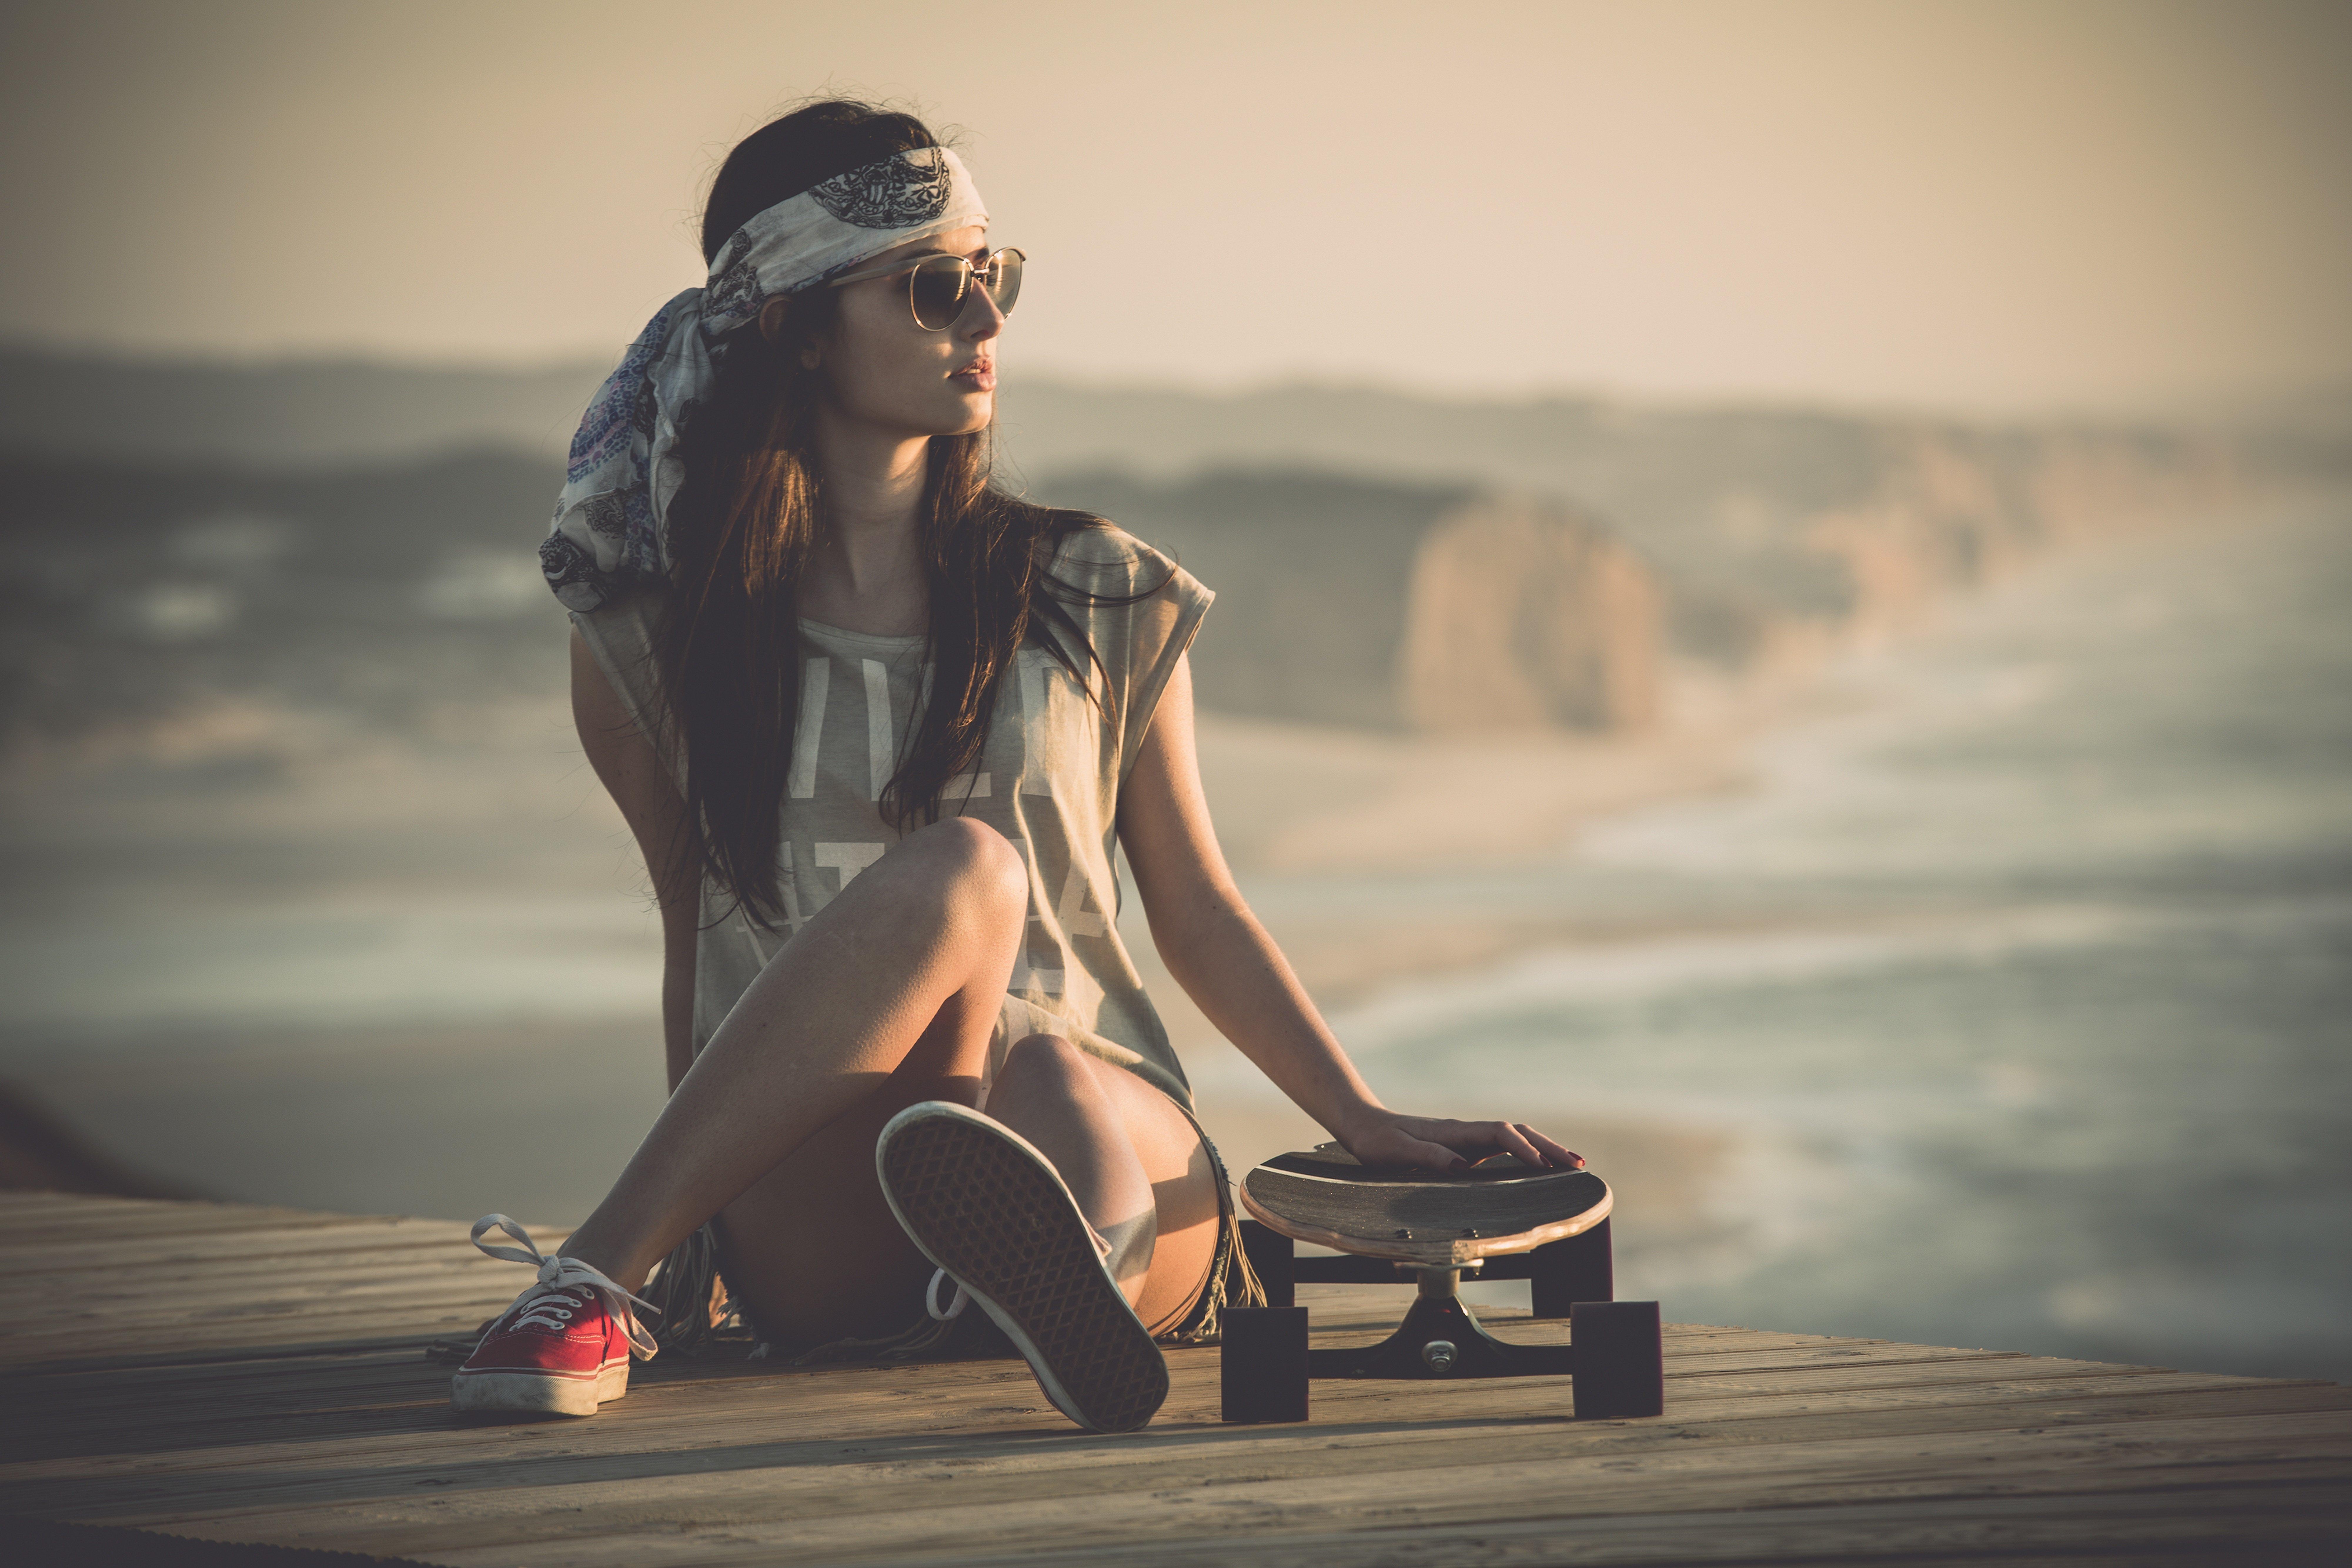 Sport Girl 4k Wallpaper: Girl With Skateboard 8k, HD Girls, 4k Wallpapers, Images